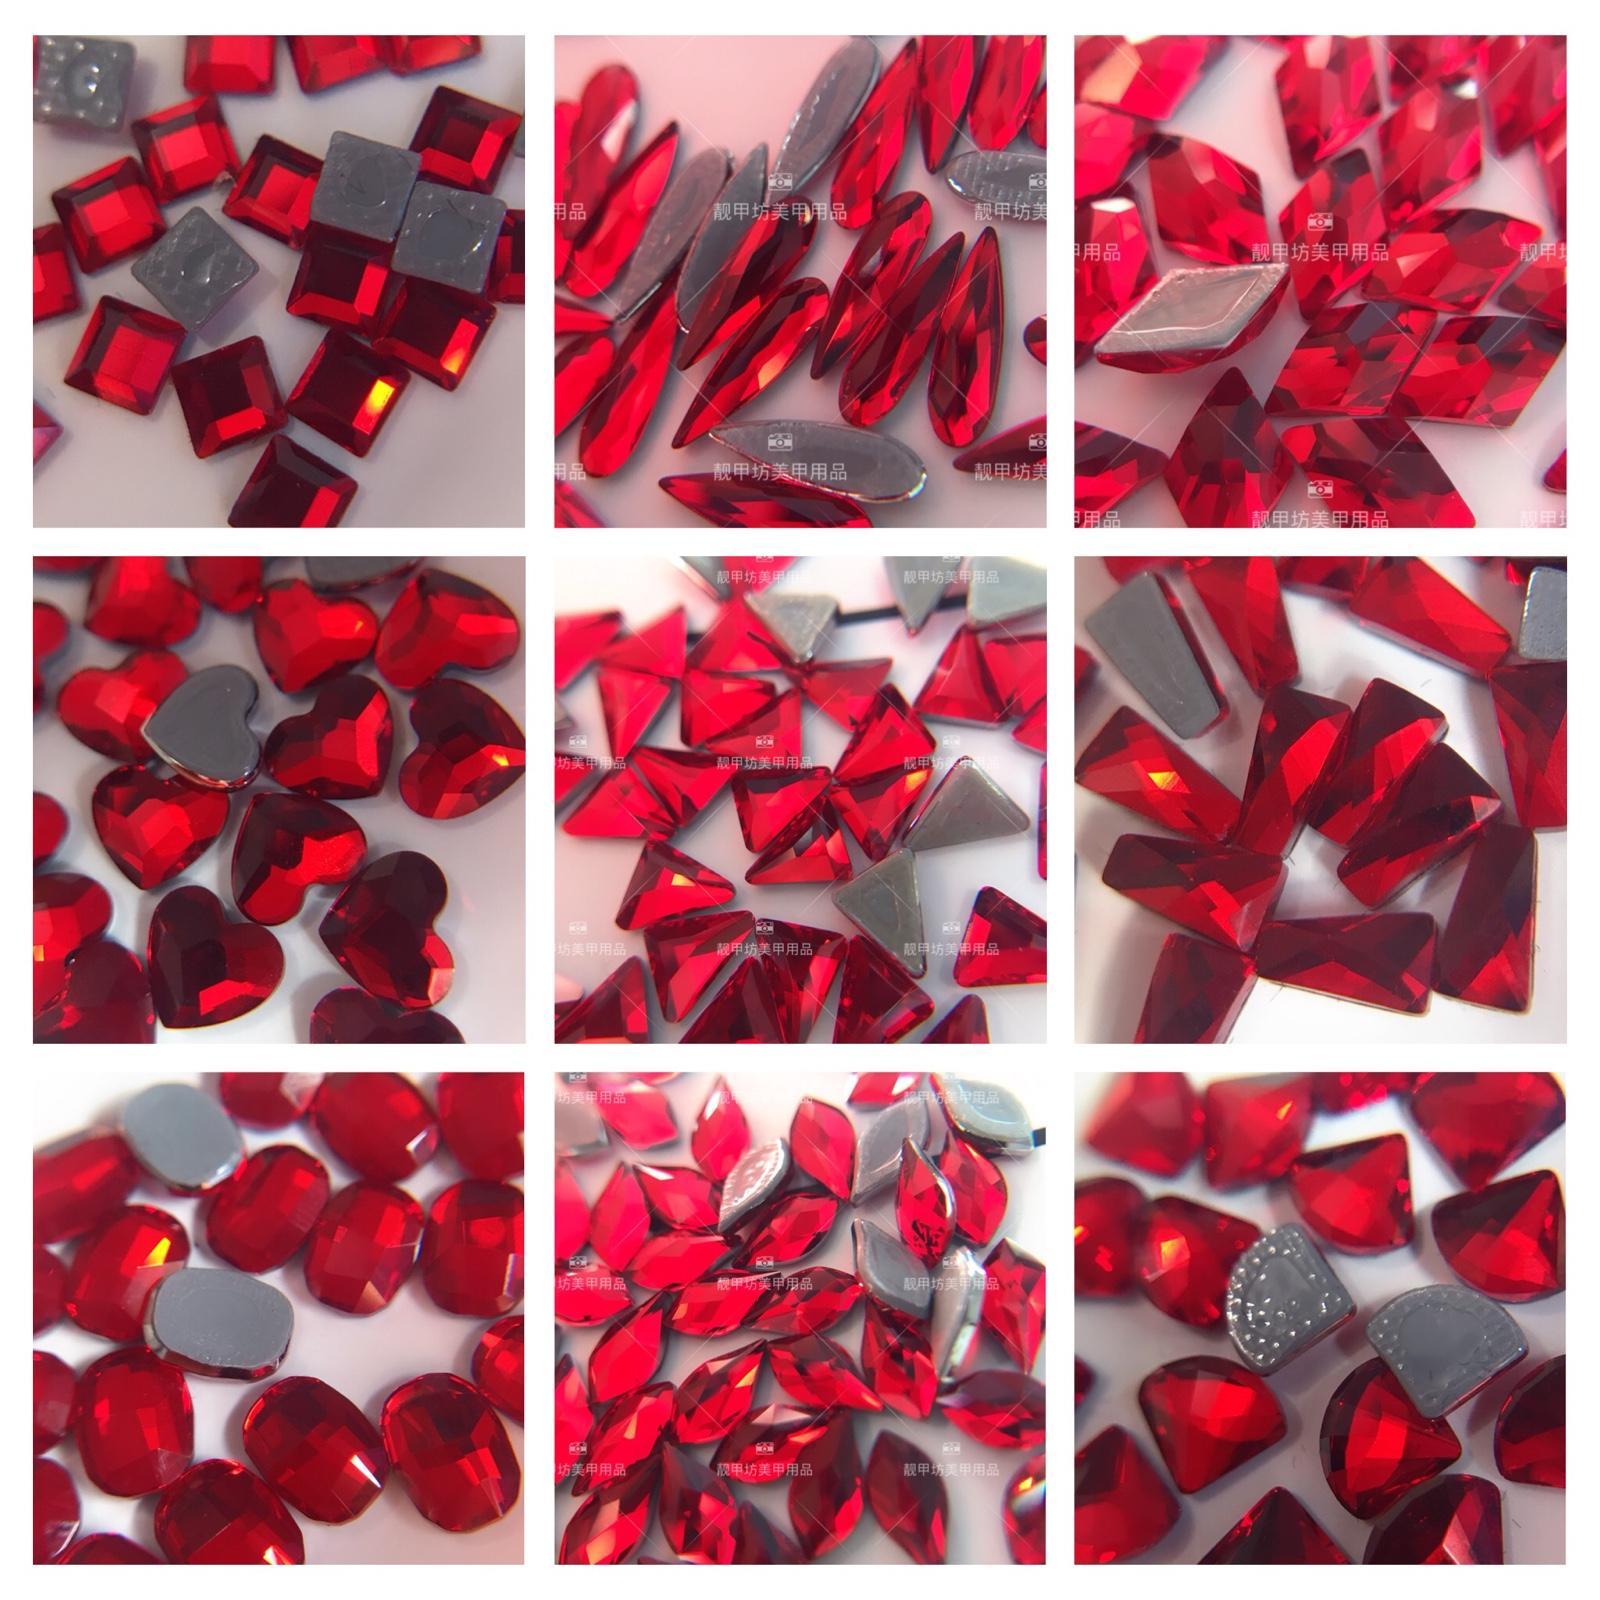 正品施华洛SWAROVSKI美甲饰品施华洛世奇烫底-红色异形钻网红款10-14新券